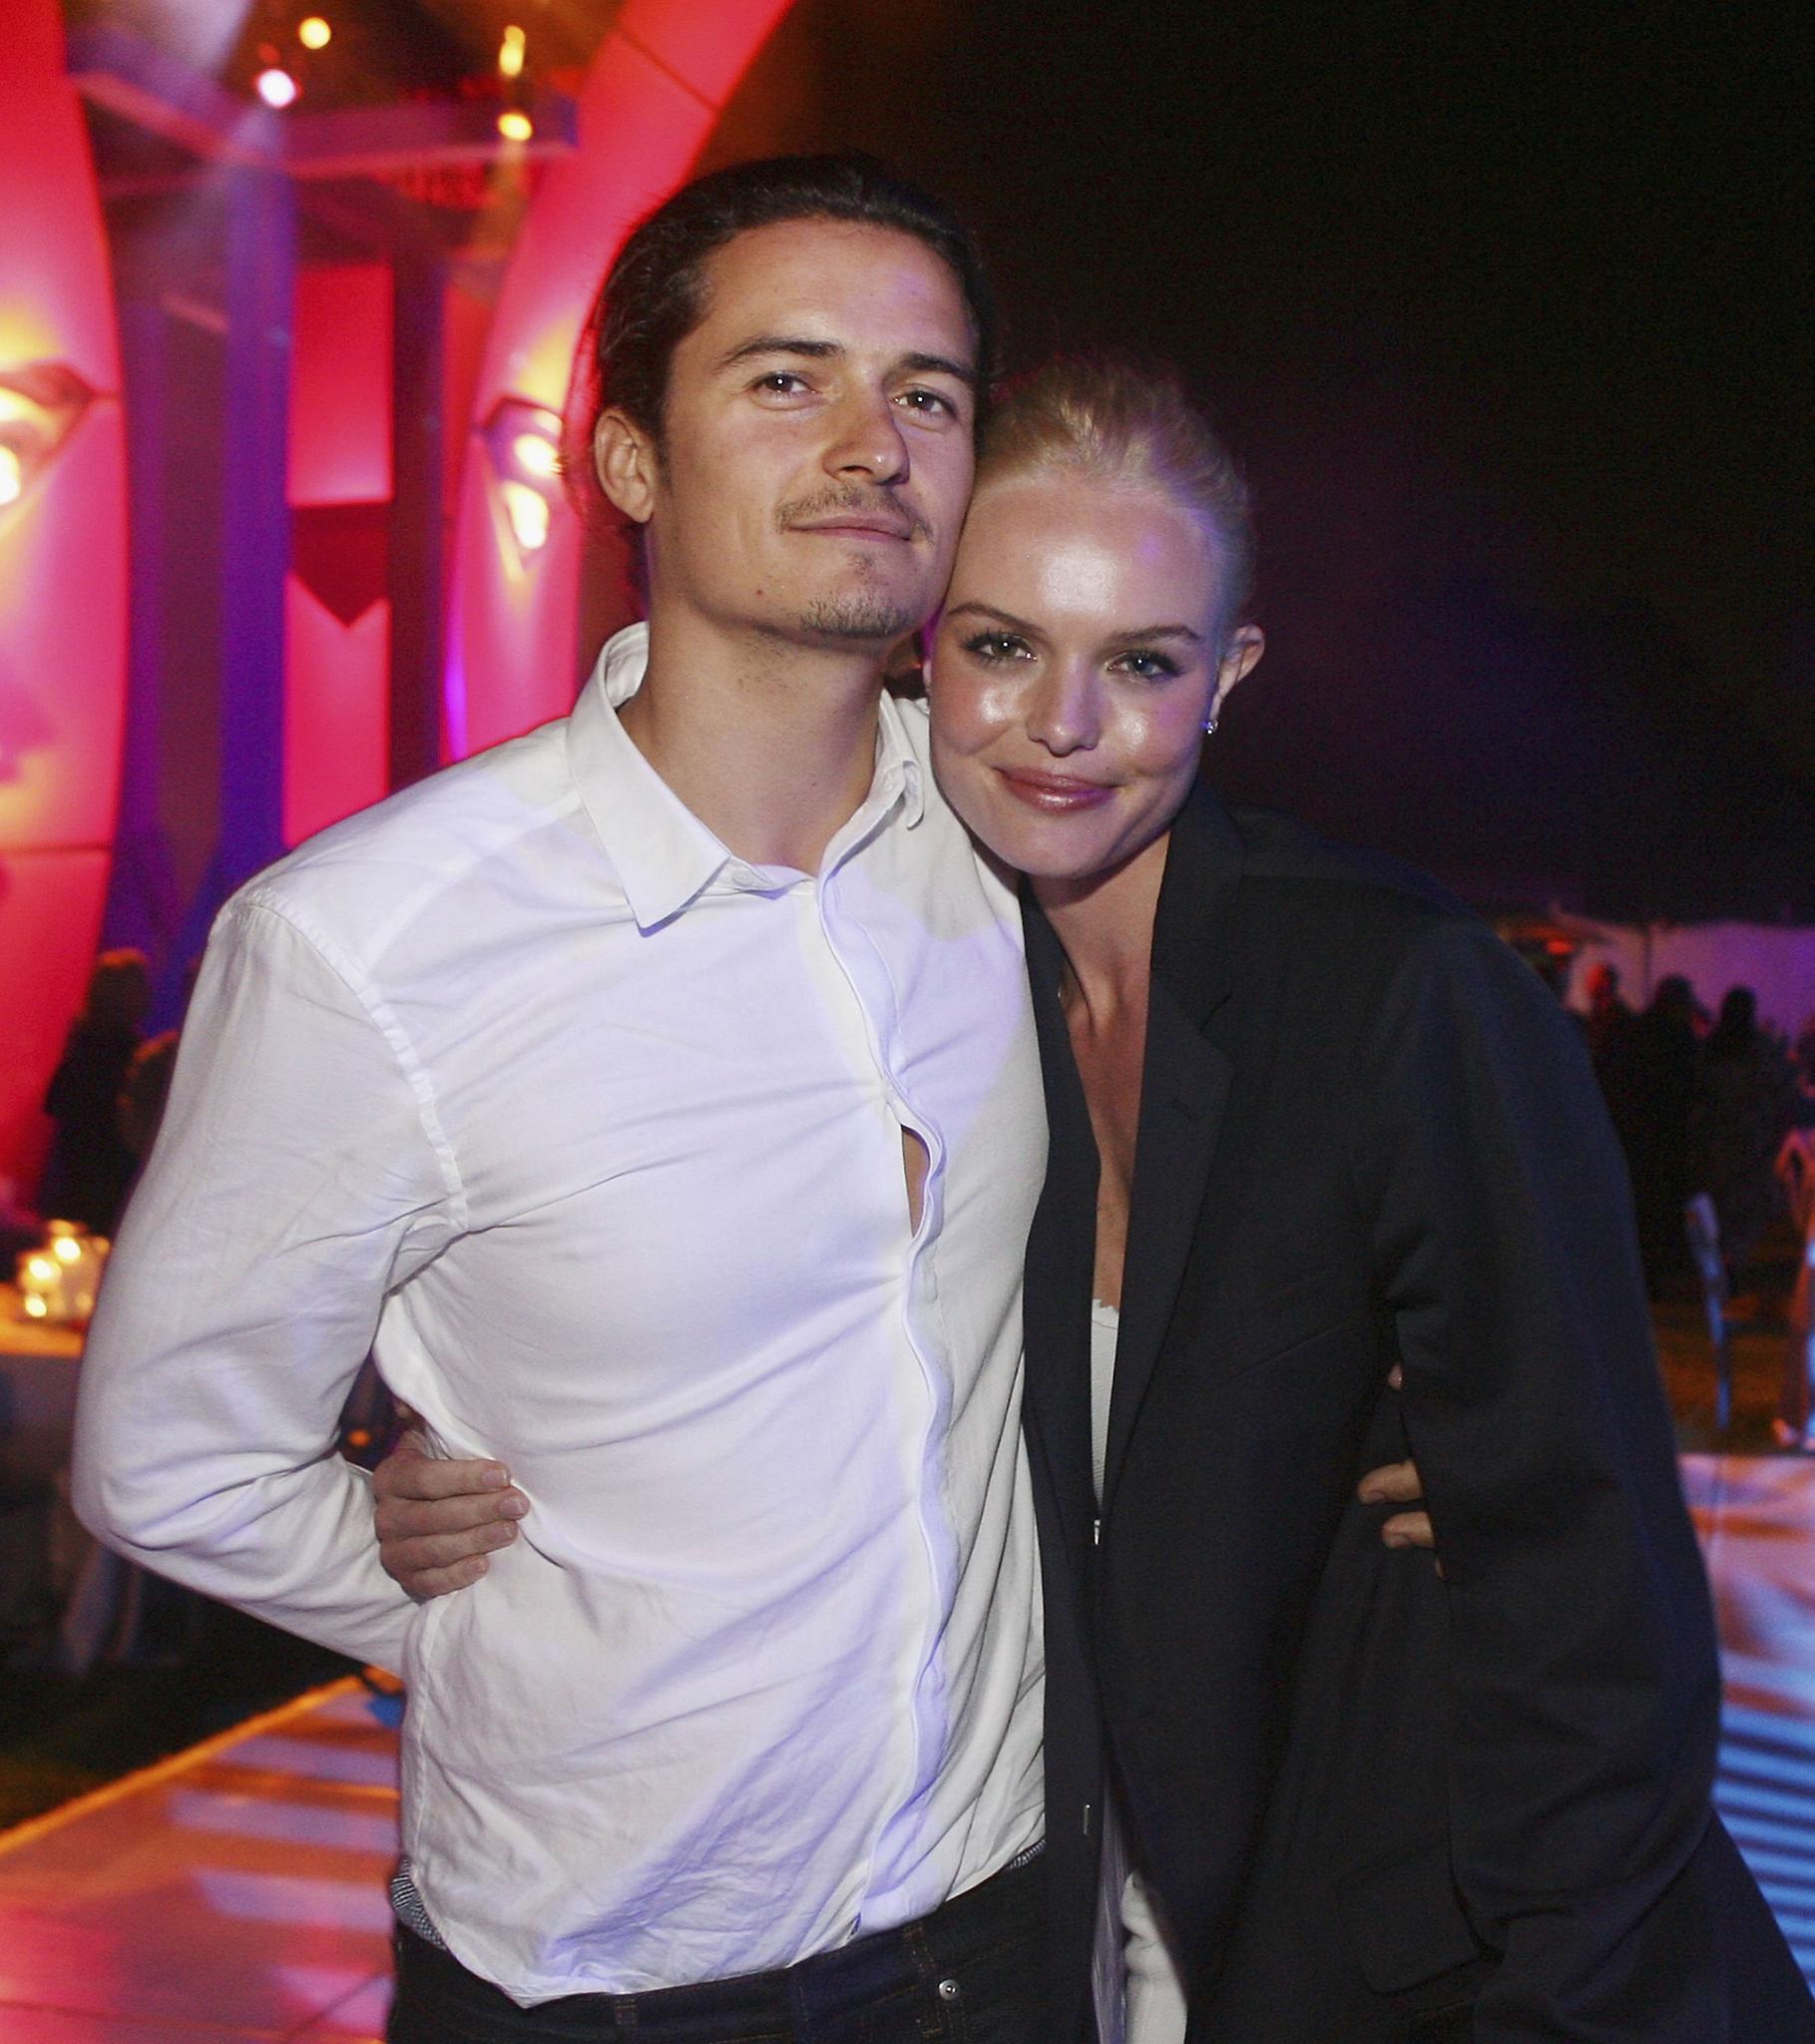 Von 2002 bis 2006 waren Orlando Bloom und Kate Bosworth eines der heißesten Pärchen Hollywoods.